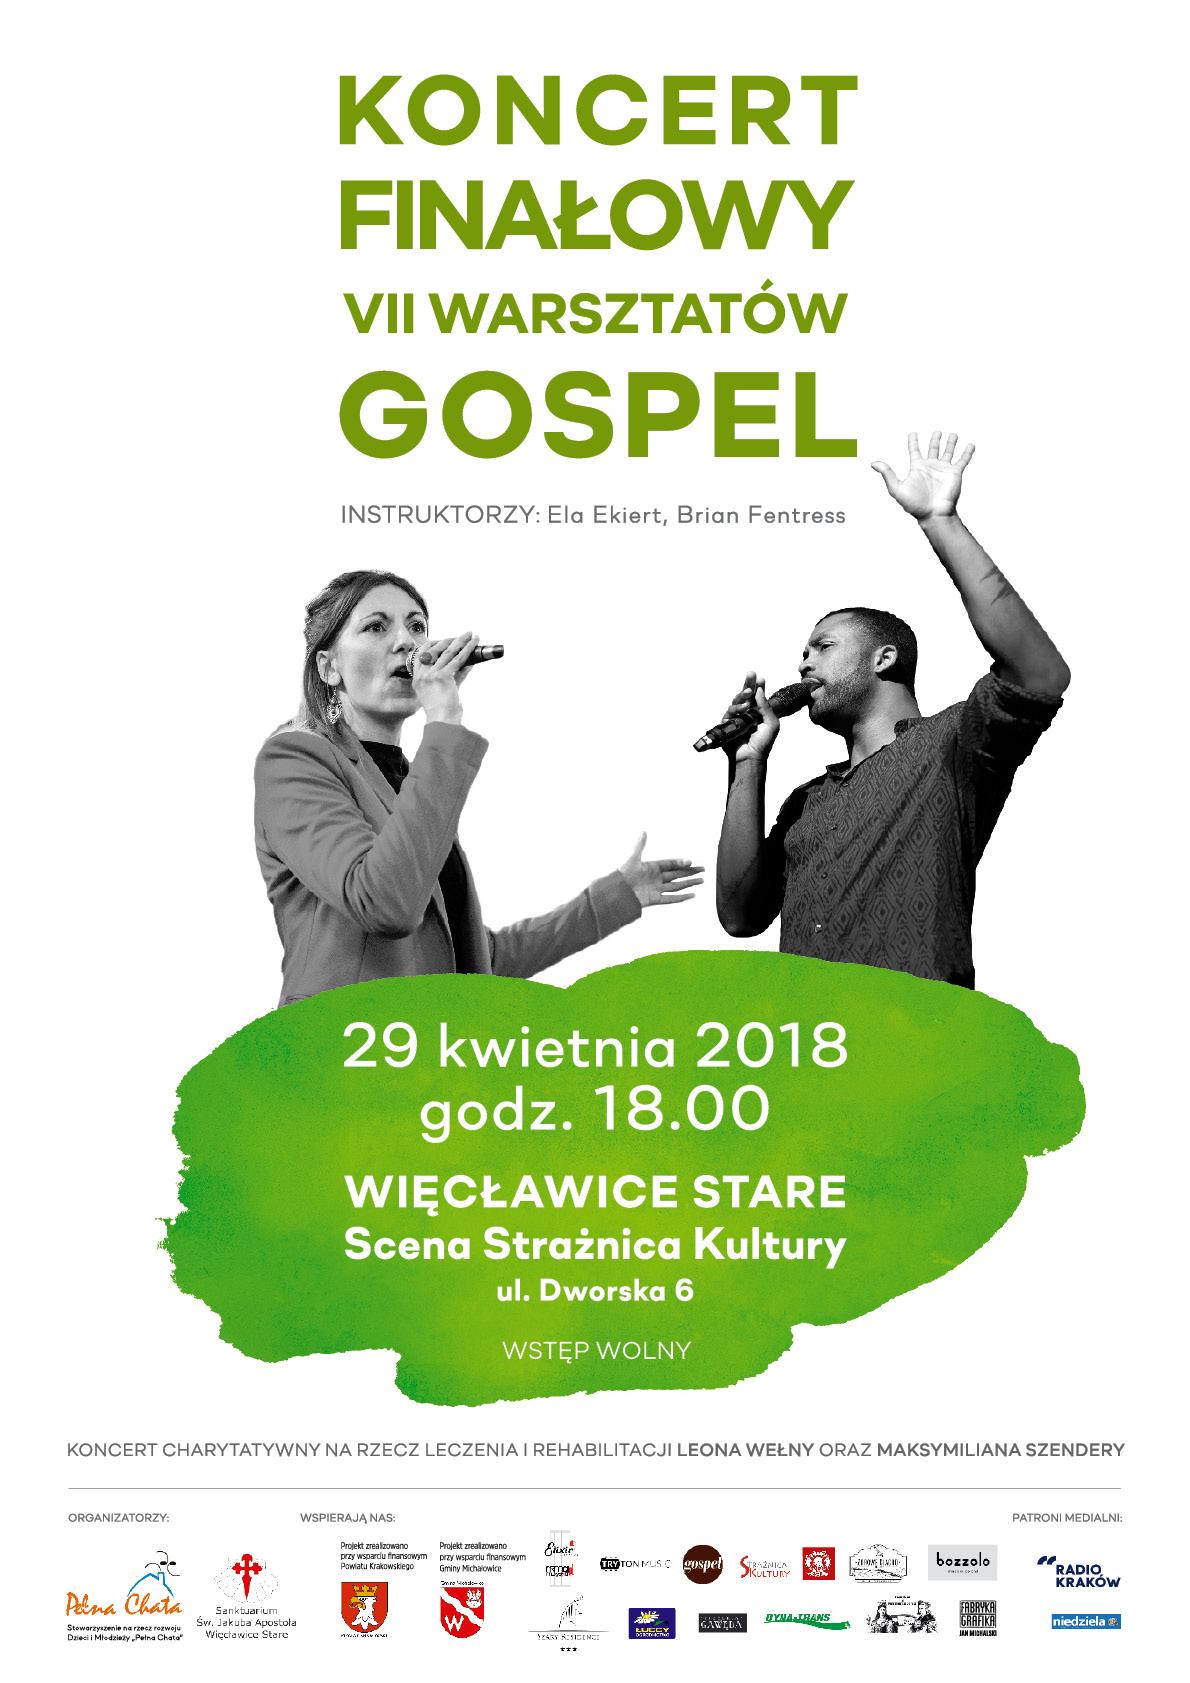 Koncert finałowy naszych 7 Warsztatów Gospel